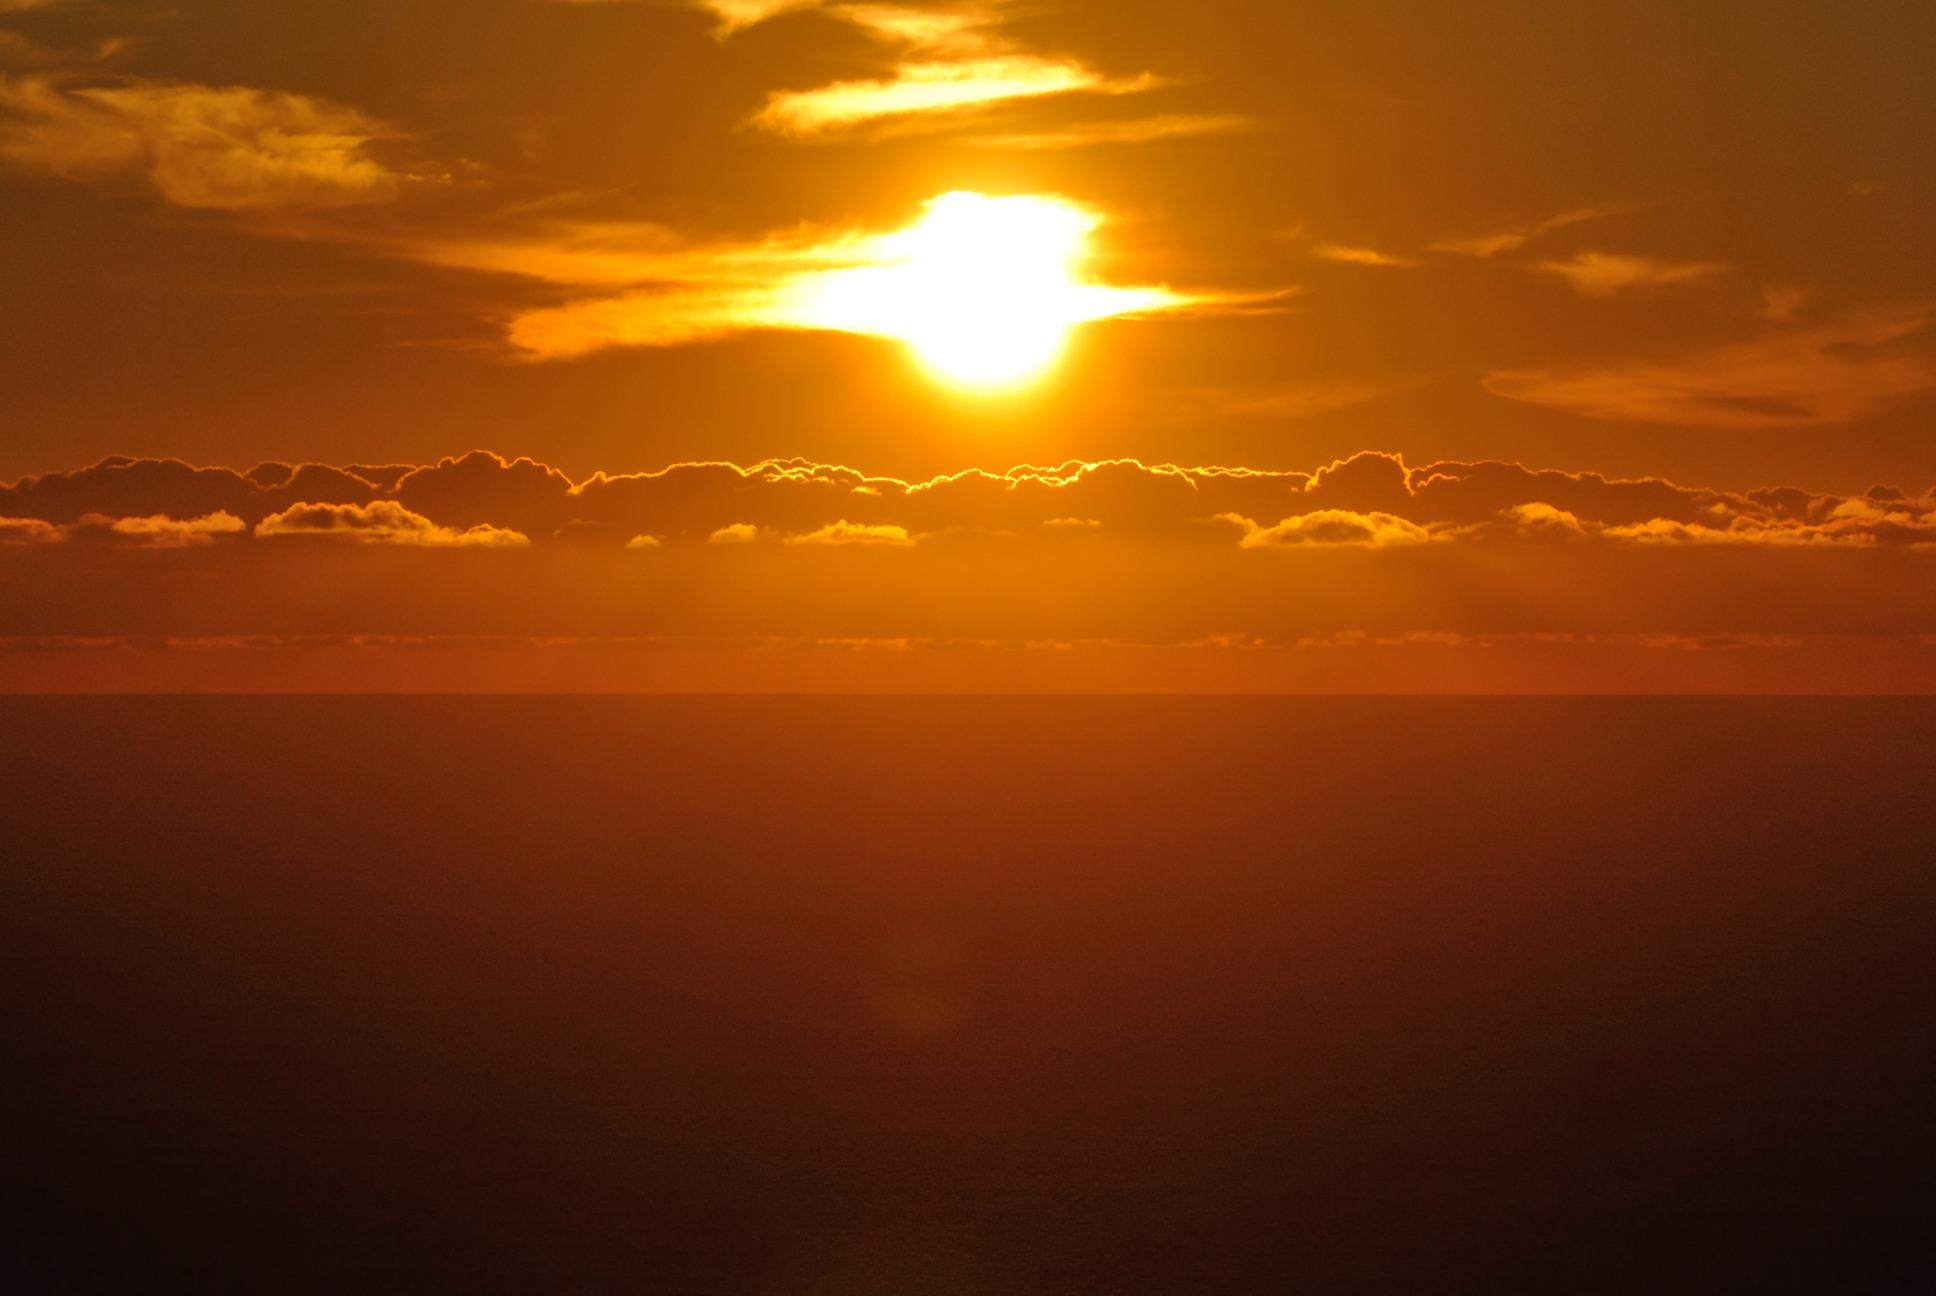 利尻見返り台地展望台からの夕日